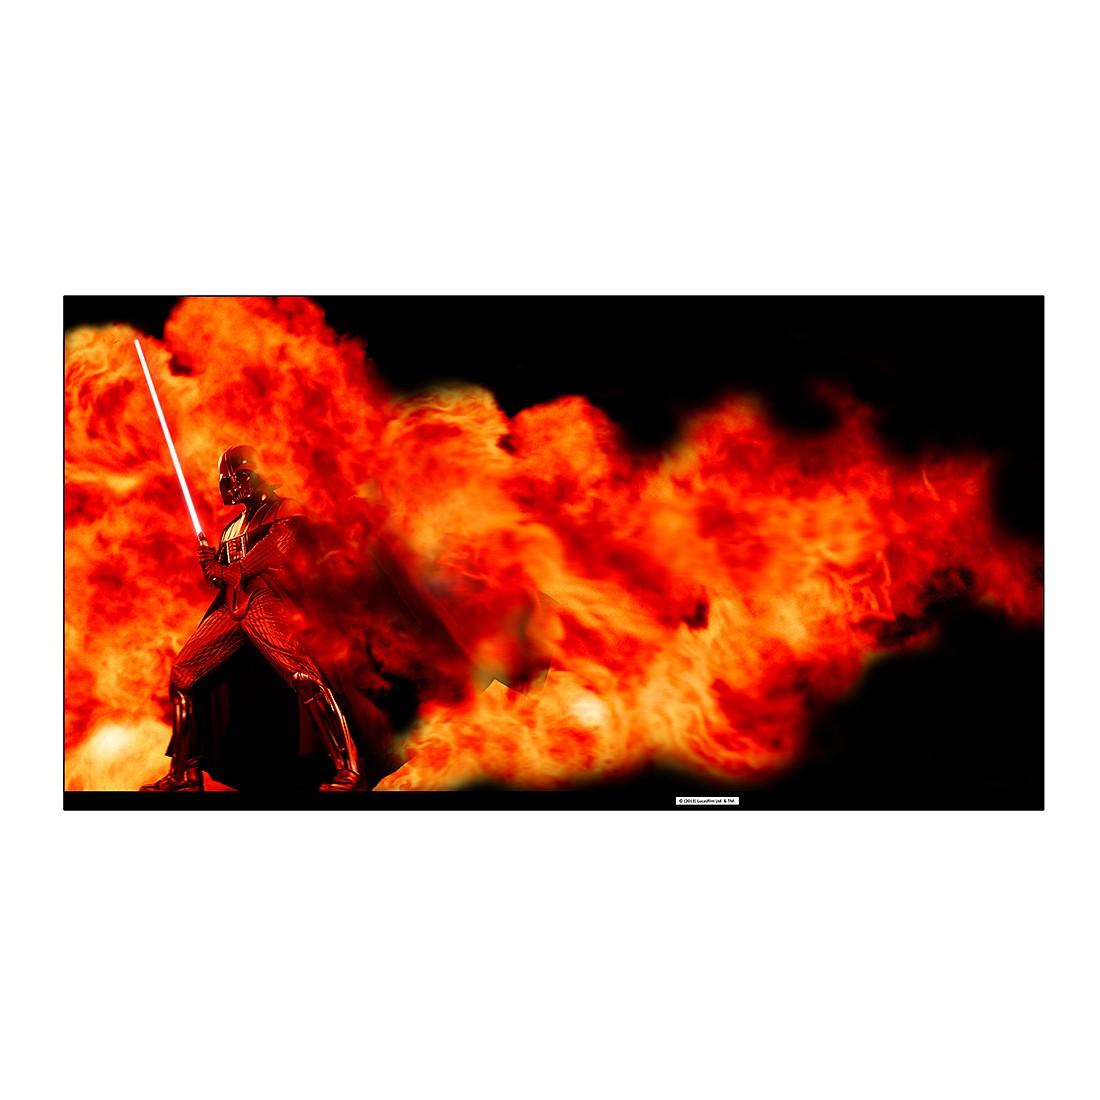 Aluminiumbild Darth Vader Fire Explosion – Abmessung: 100 x 75 cm, Gallery of Innovative Art günstig